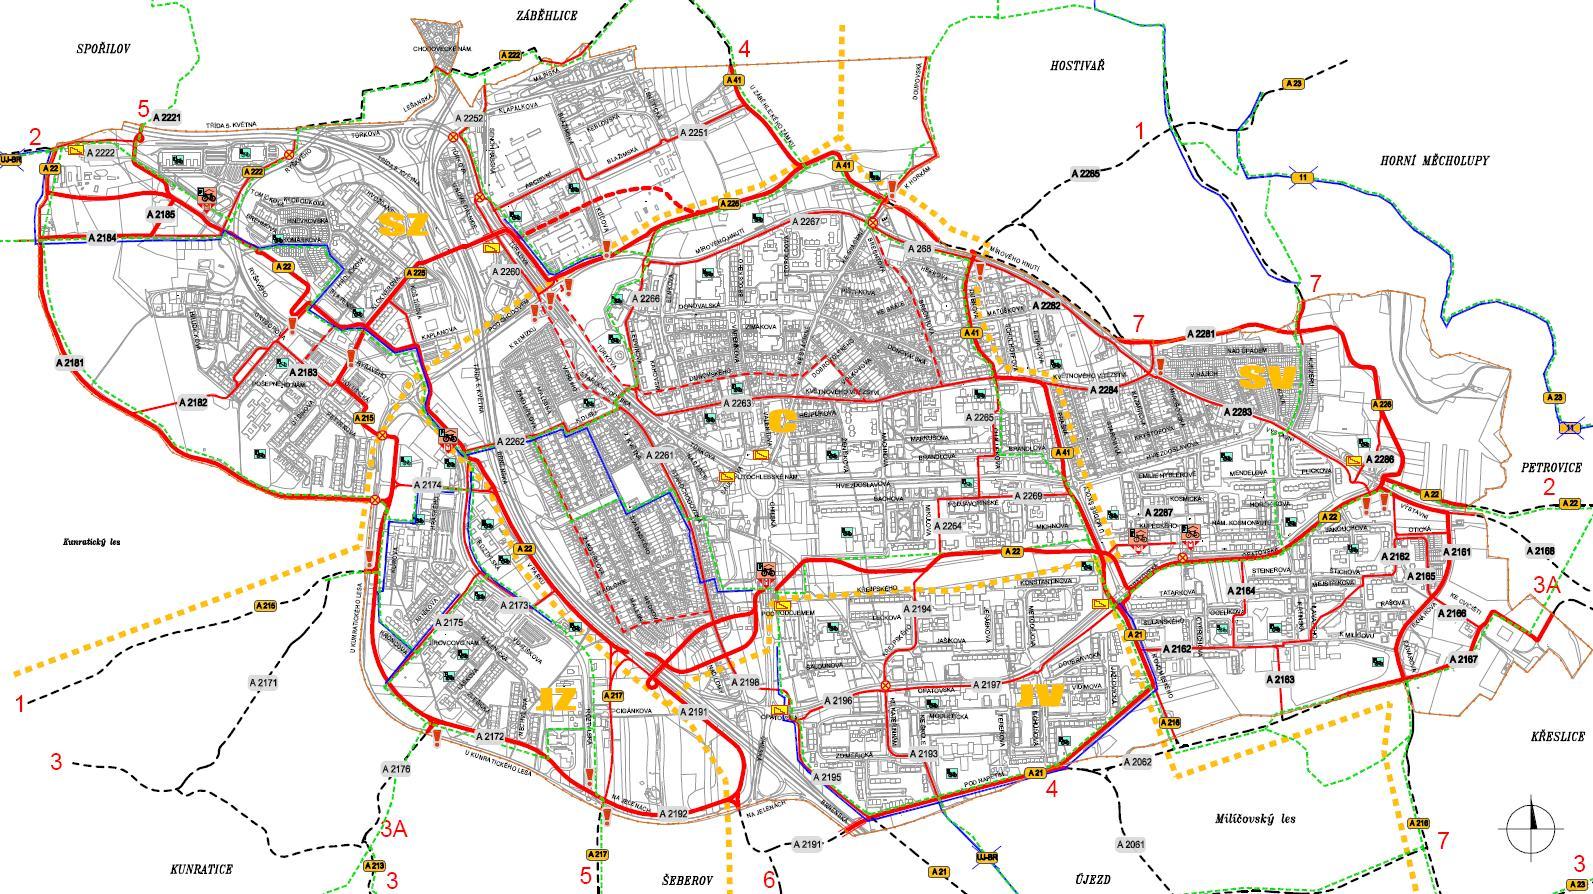 návrh cyklistické infrastruktury, obrázek se otevře v novém okně